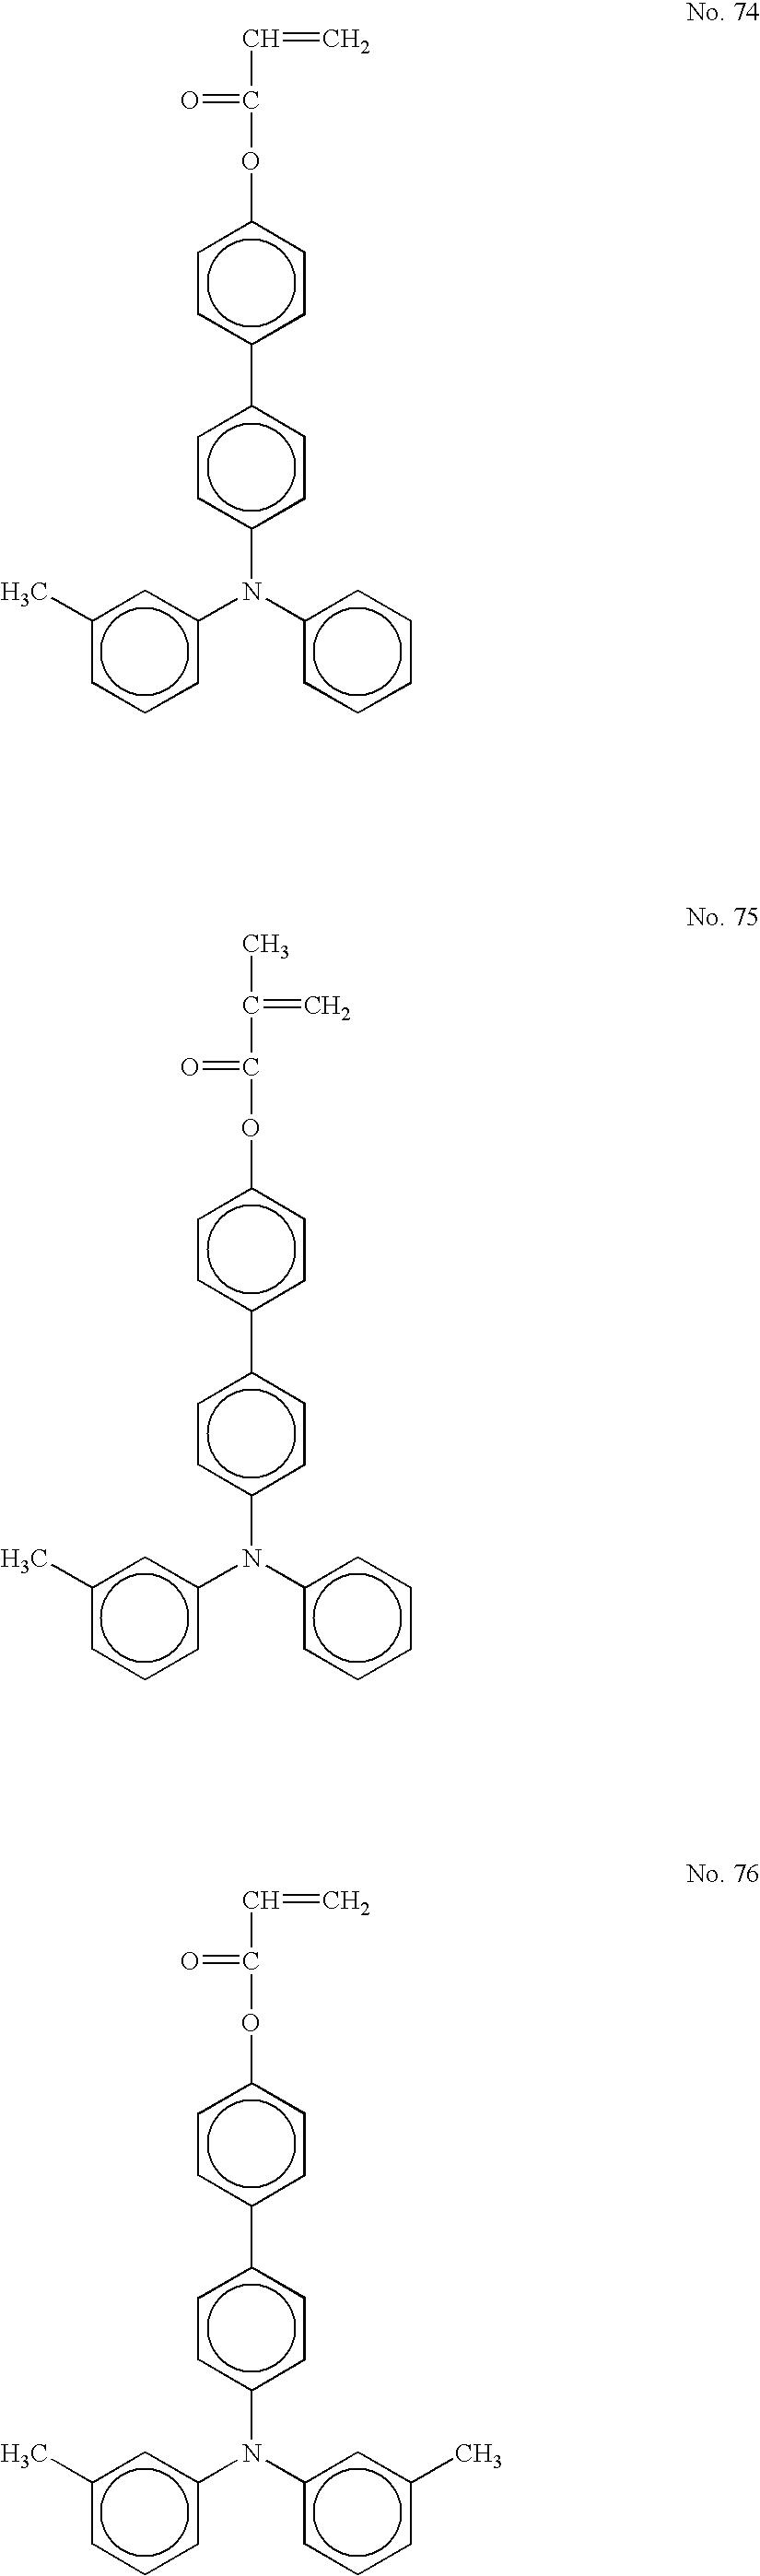 Figure US20060177749A1-20060810-C00041